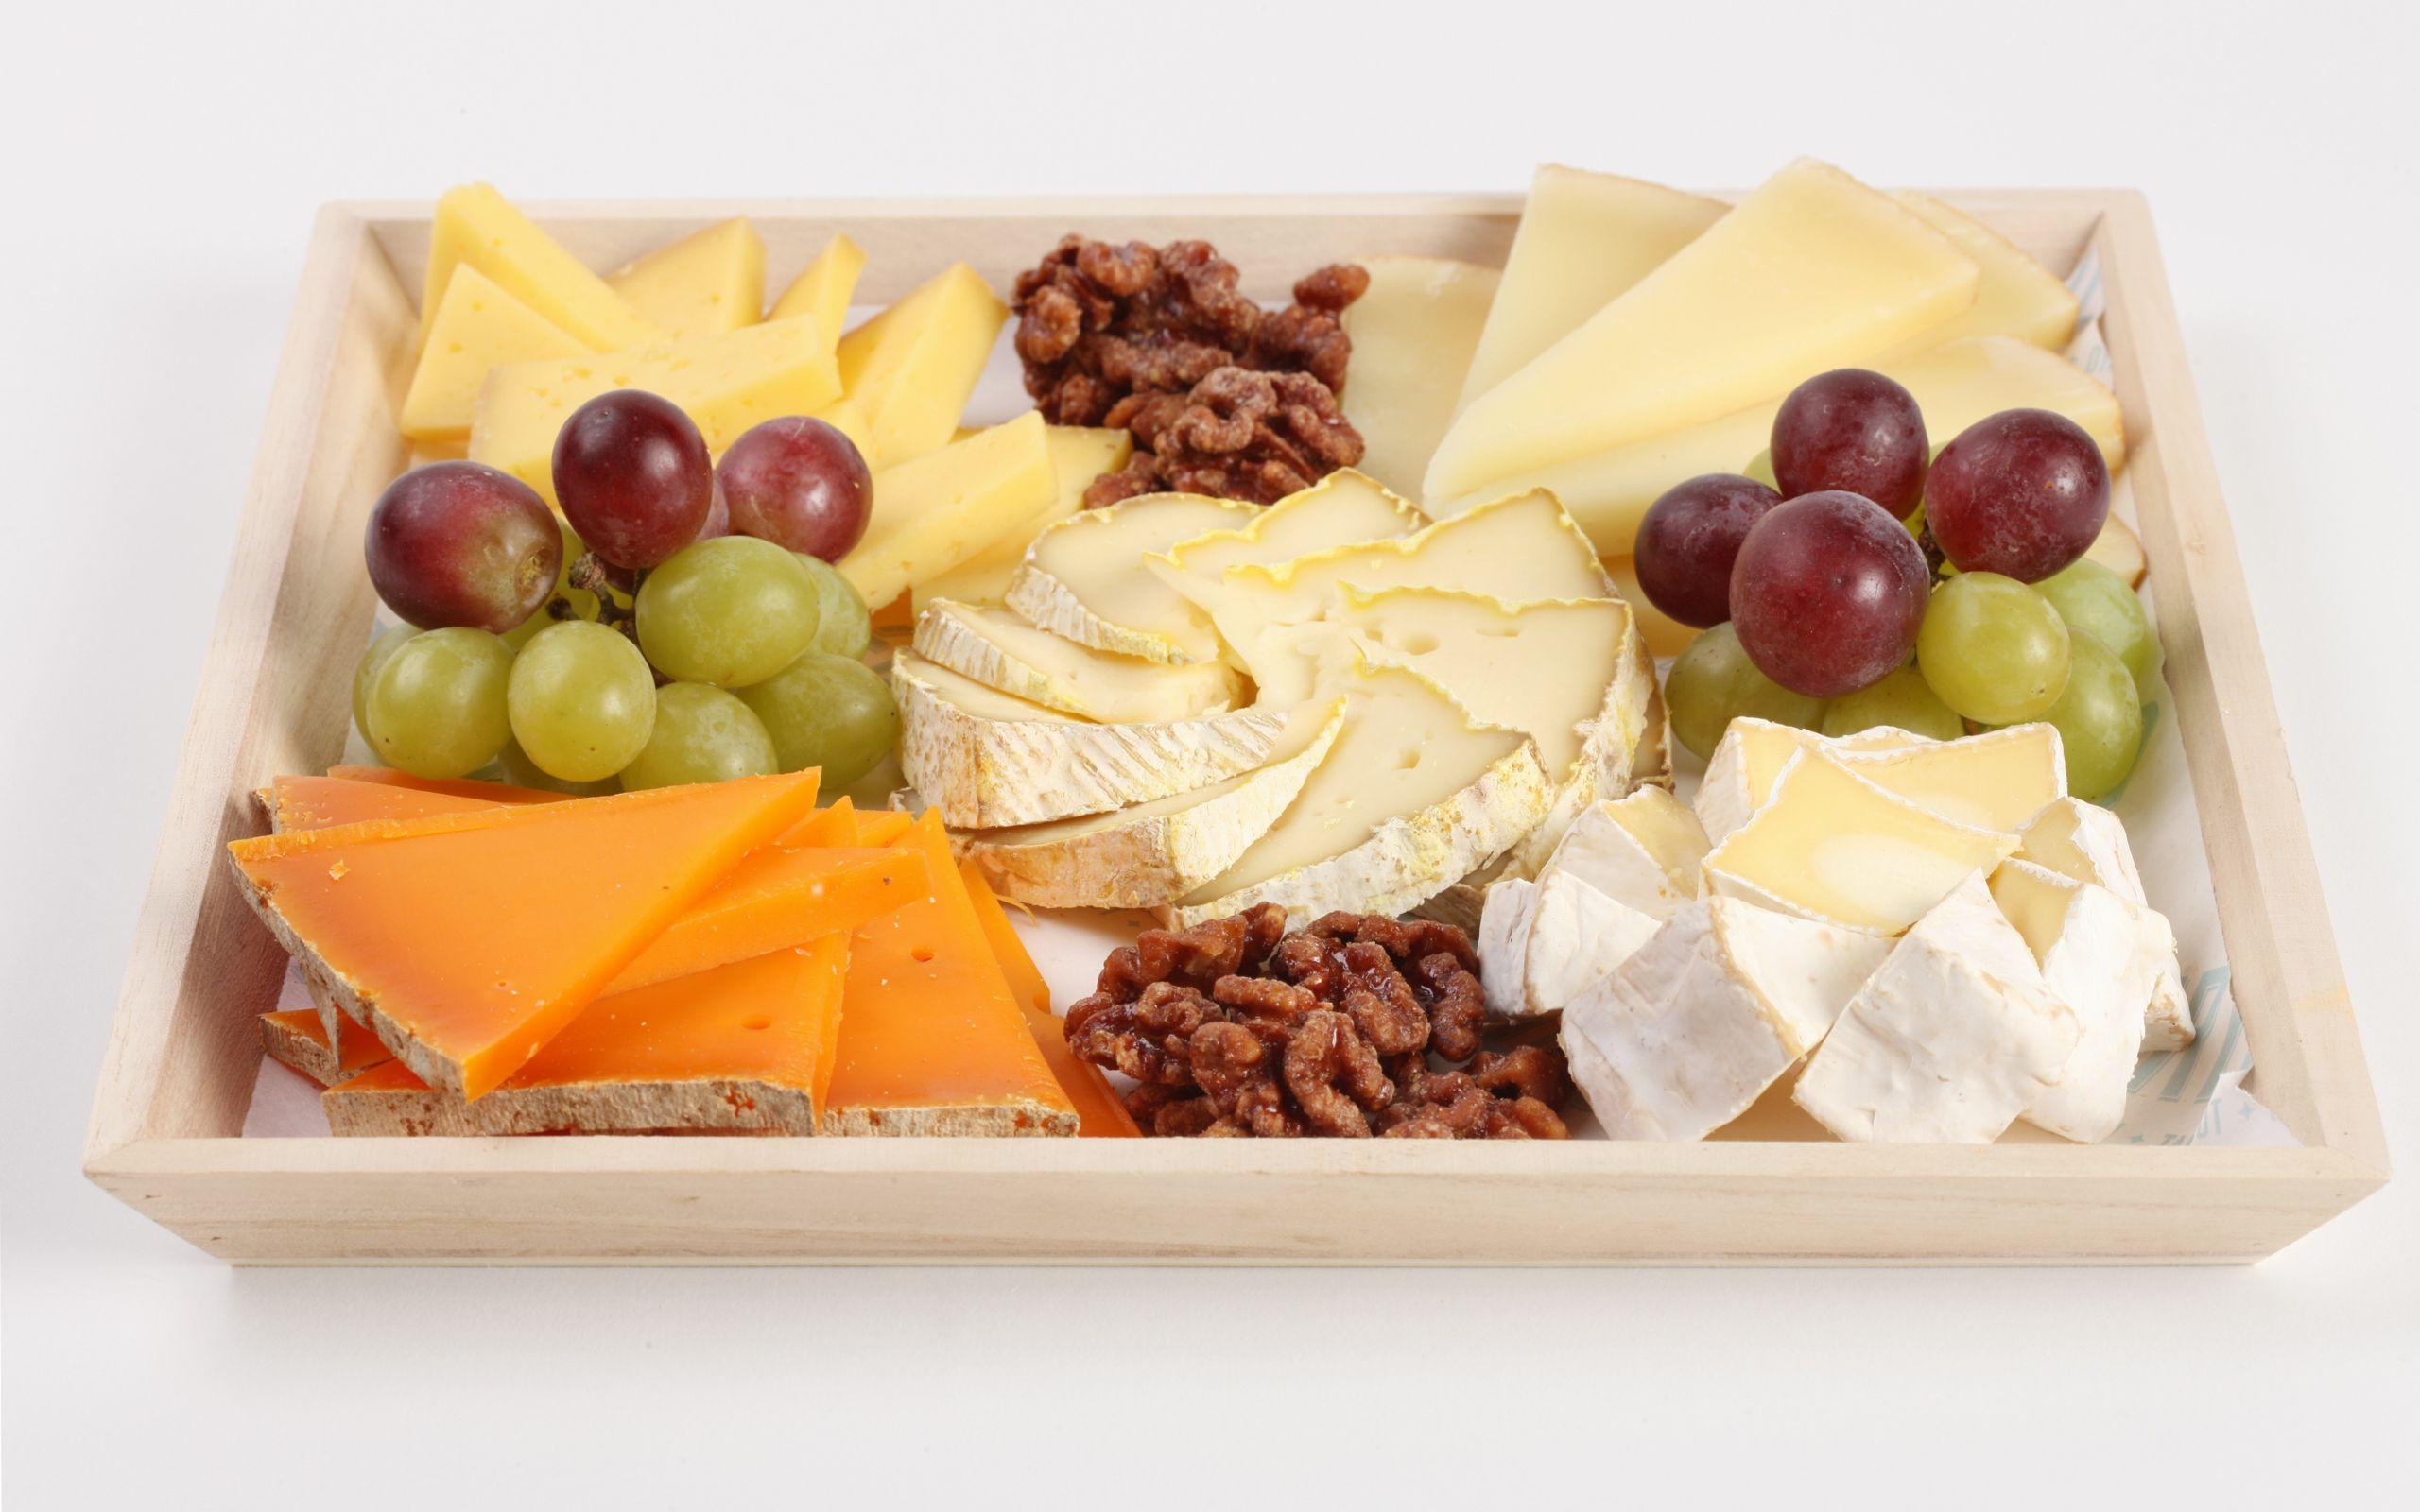 Сырные шарики на тарелке  № 2129900 загрузить